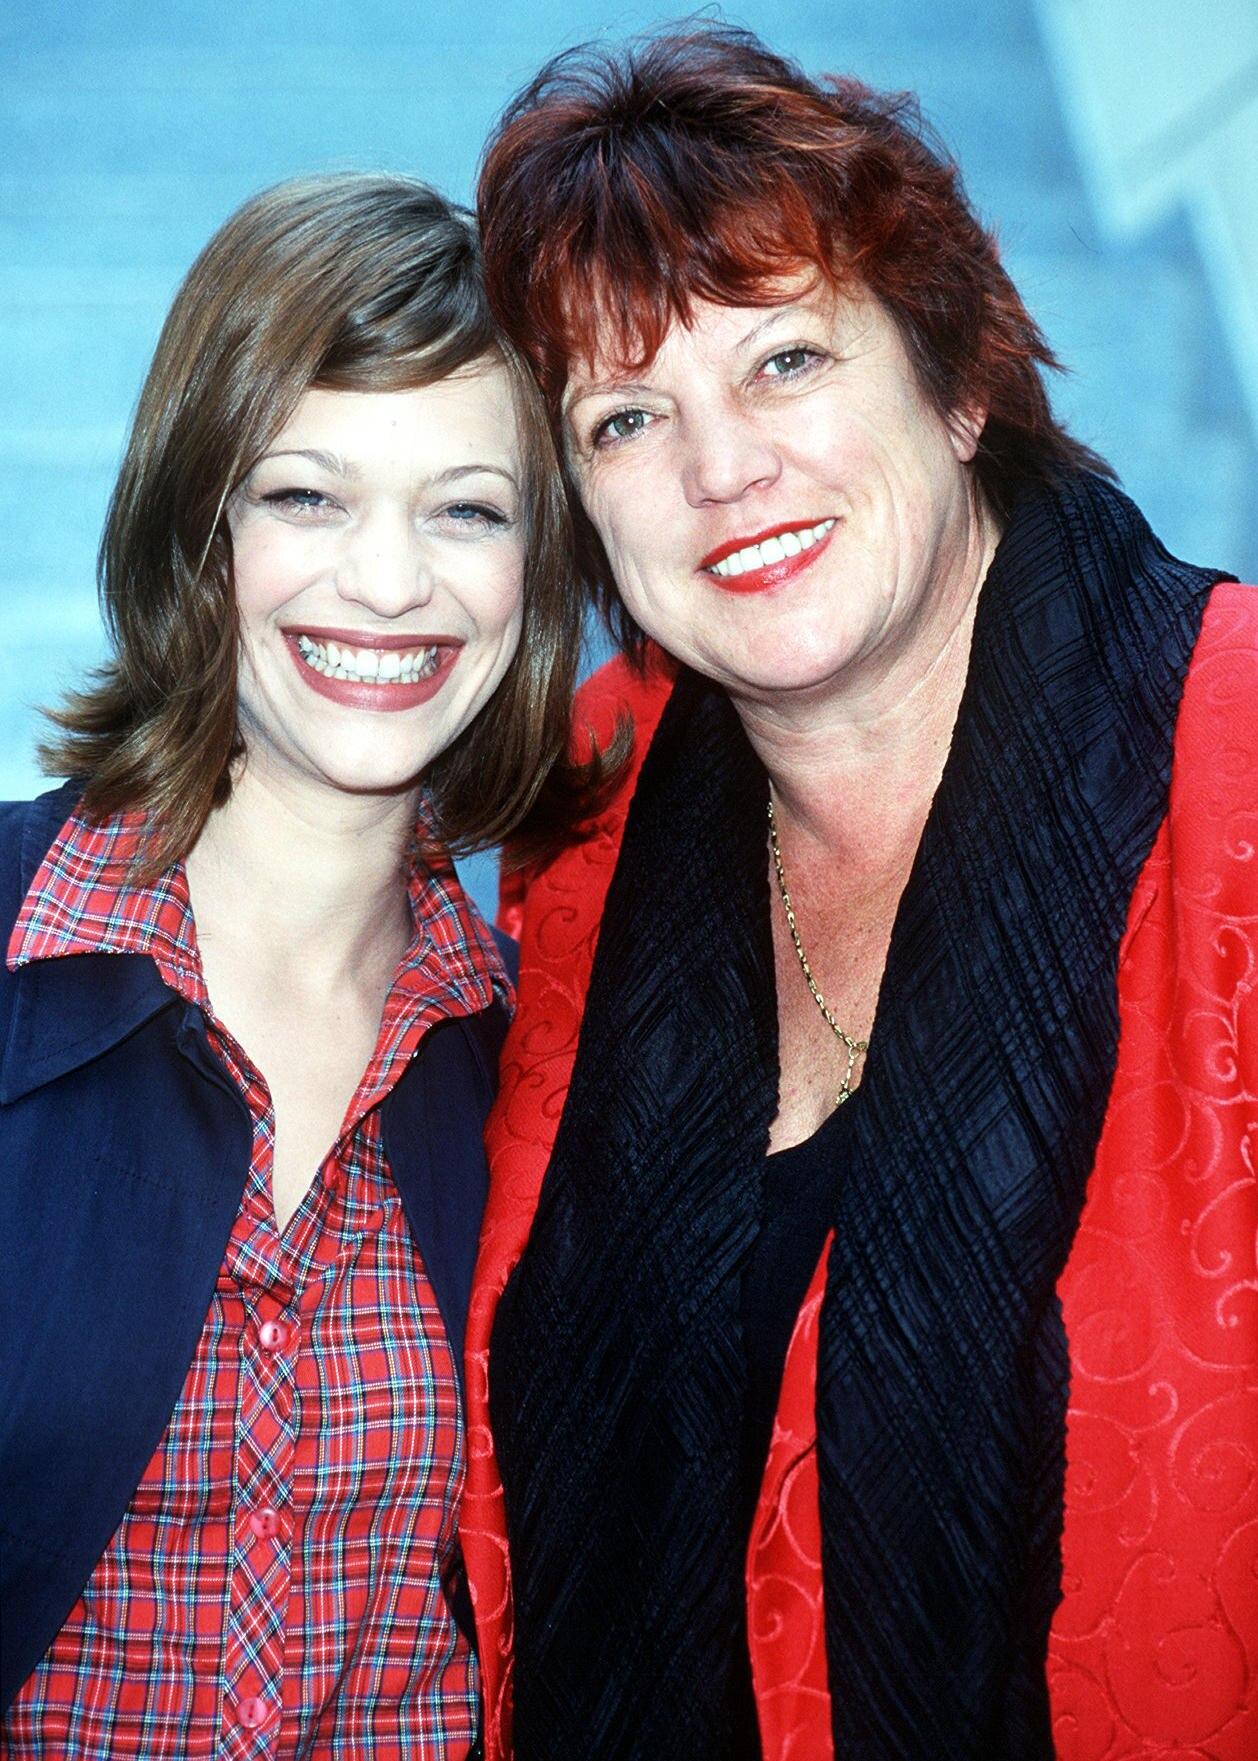 Filmgeschichten: Miniserien, Arbeiterfilme, Melodramen - Regina Ziegler setzte mit ihren Werken Trends. Dabei halfen ihr Schauspieler wie etwa Heike Makatsch.